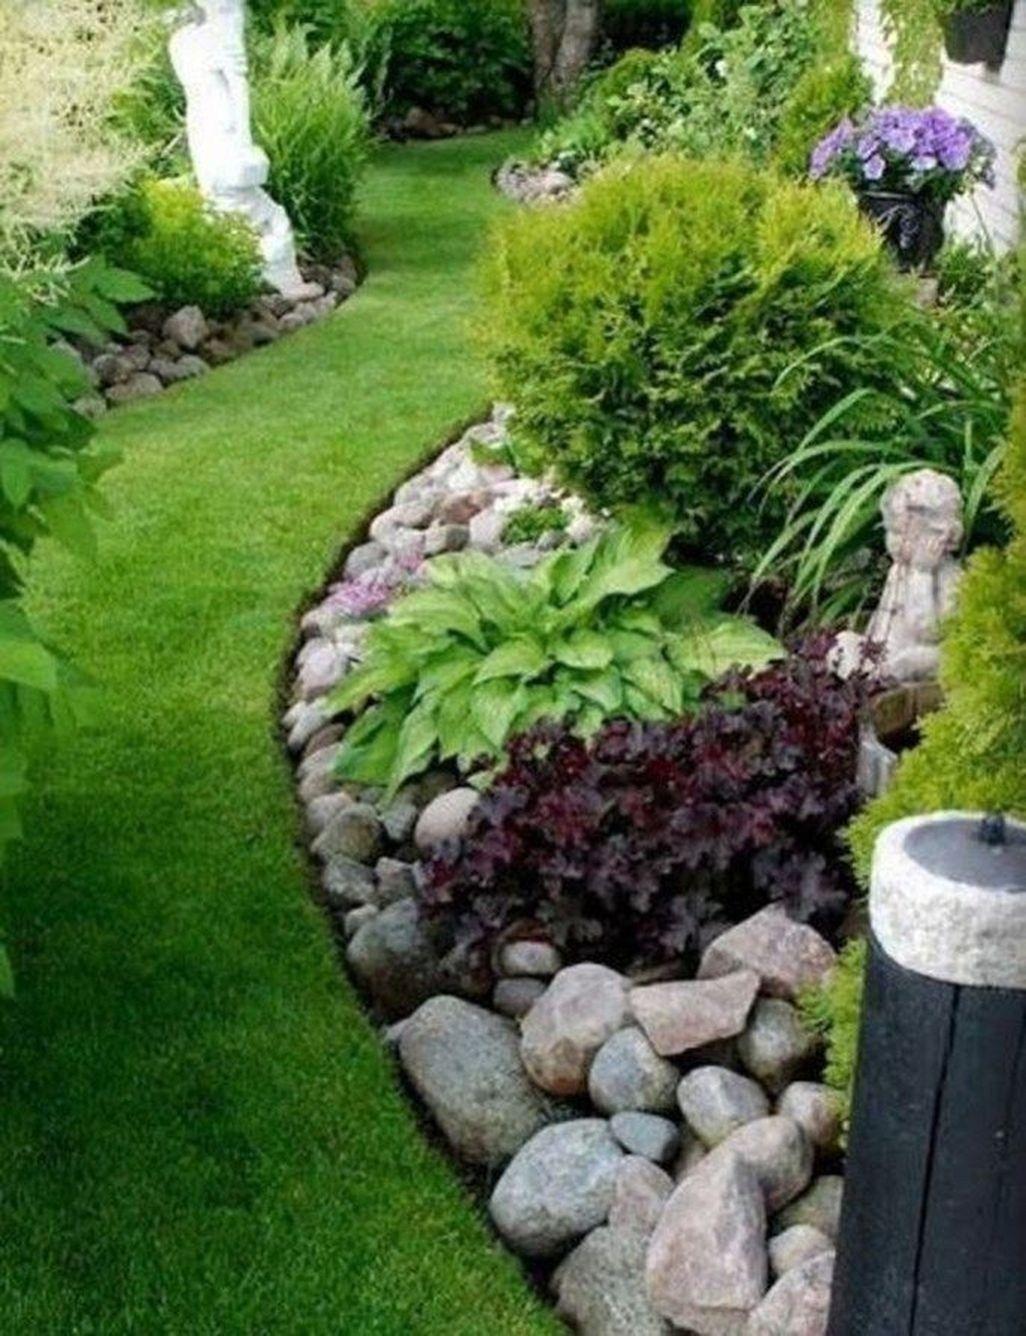 Easy And Low Maintenance Front Yard Landscaping Ideas 34 Landscapingideasfrontyardeasy Rock Garden Landscaping Front Yard Landscaping Design River Rock Garden